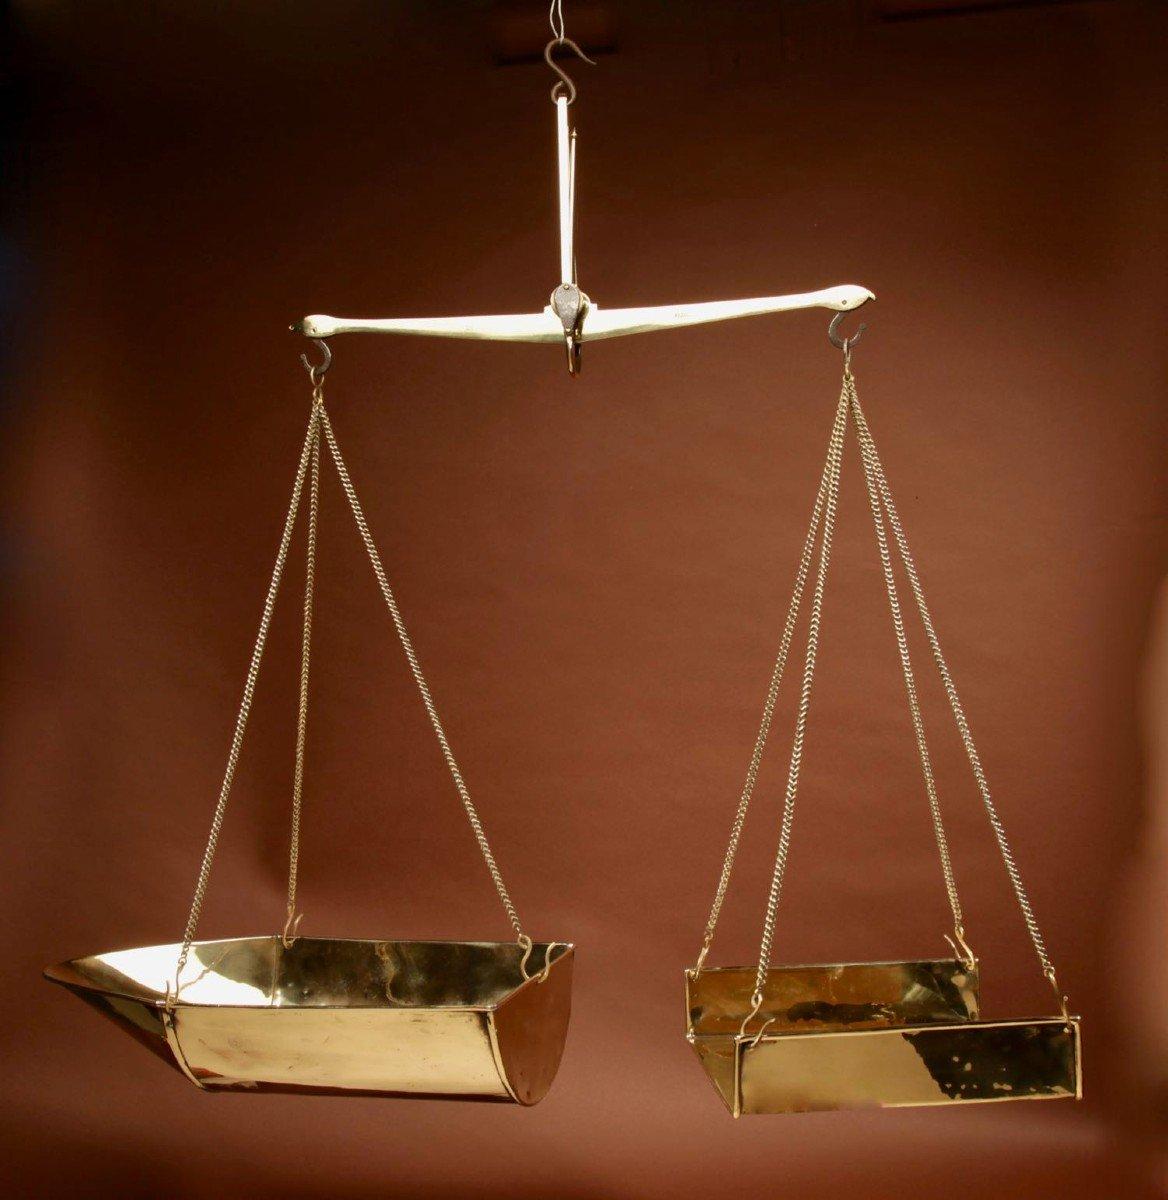 Une Balance De Poutre d'équilibre Suspendue En Laiton Frison-photo-2